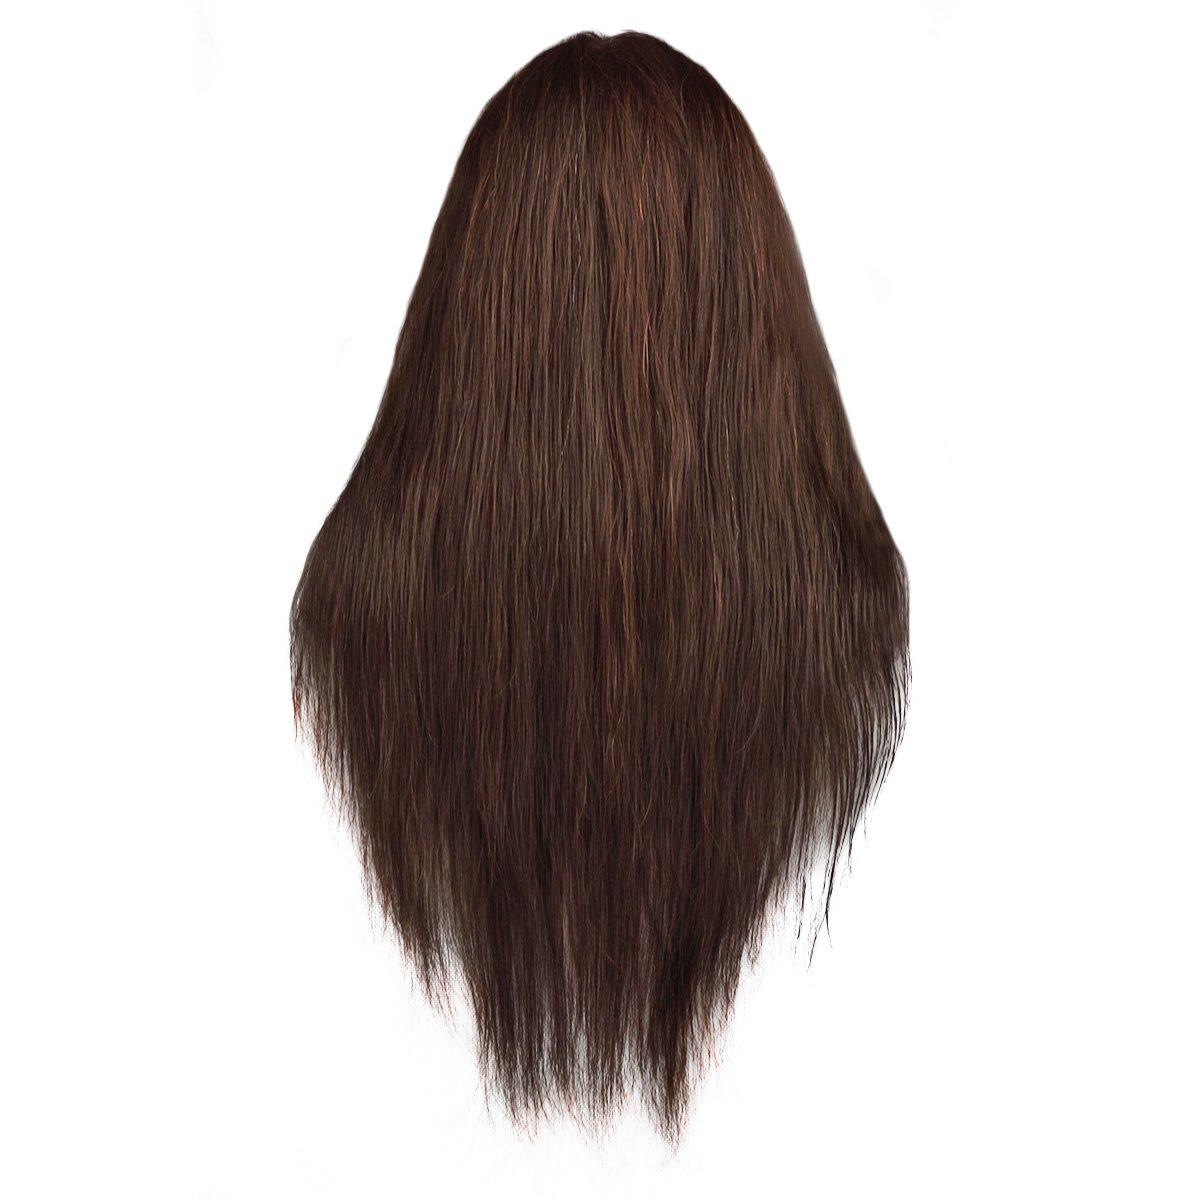 Maniquí de Cabeza para practicas de peluquería con cabello pelo real 90% 56cm (con soporte)-CoastaCloud: Amazon.es: Salud y cuidado personal